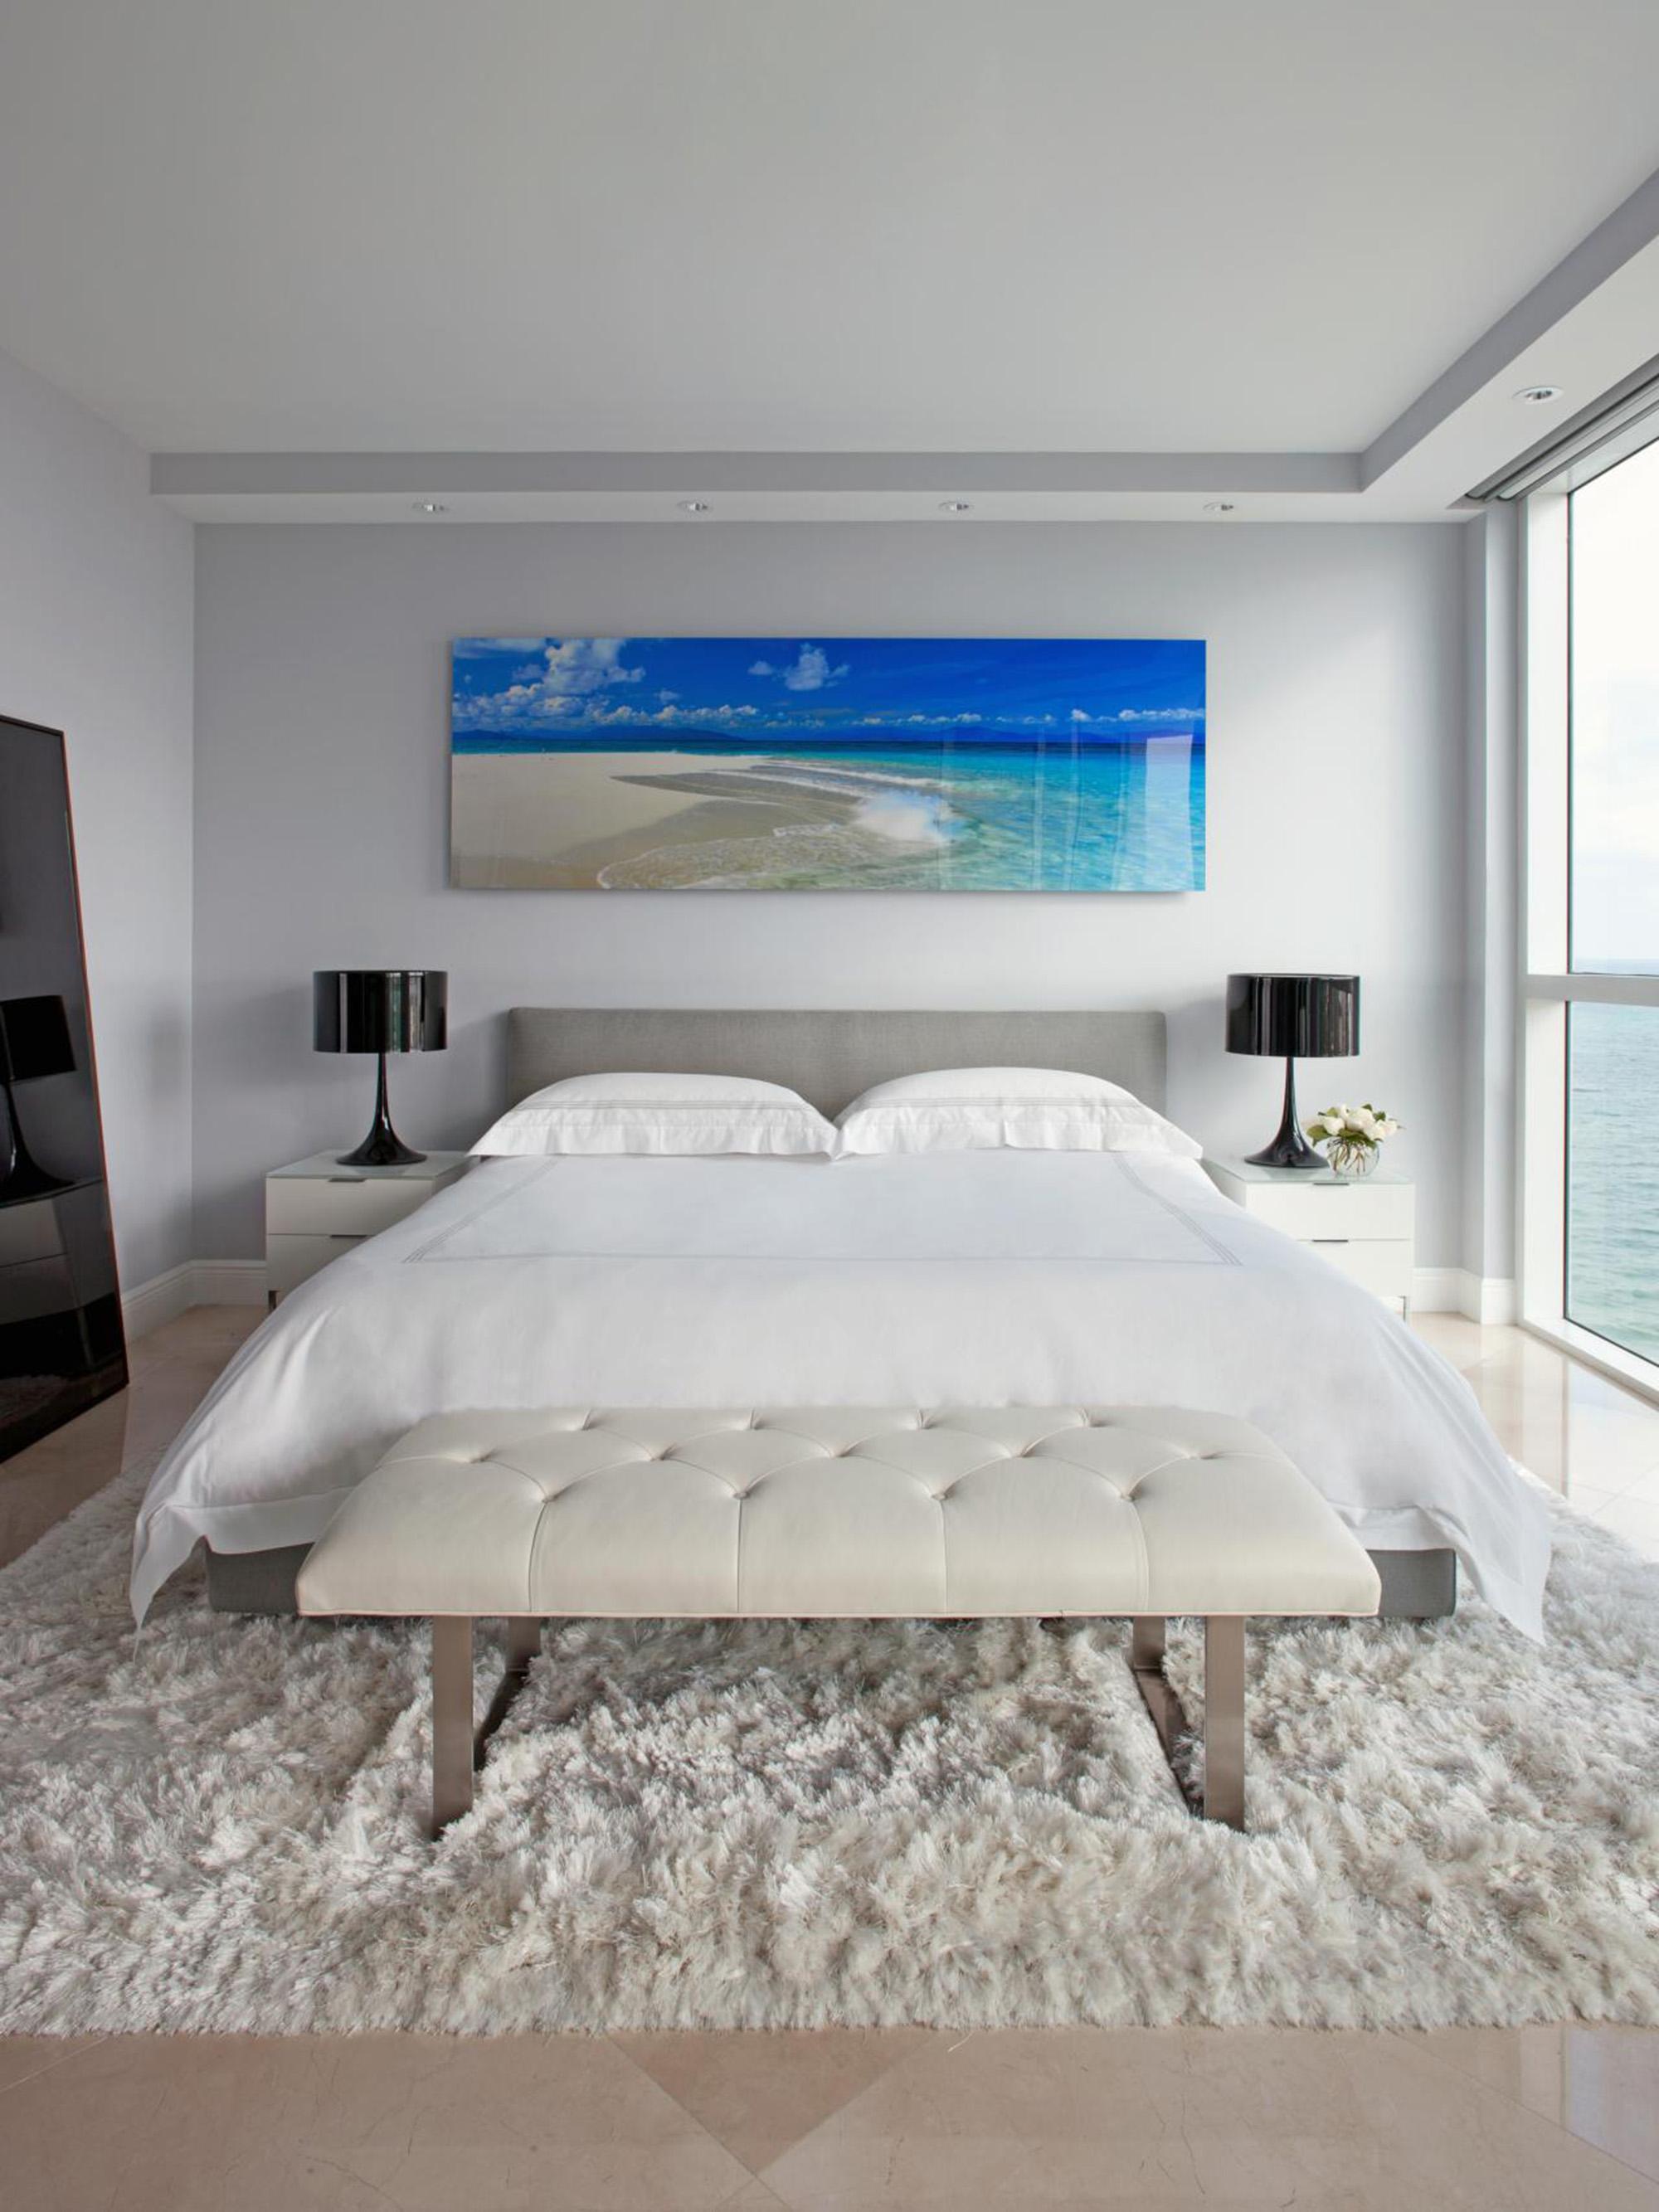 Фотокартина с изображением пляжа над кроватью